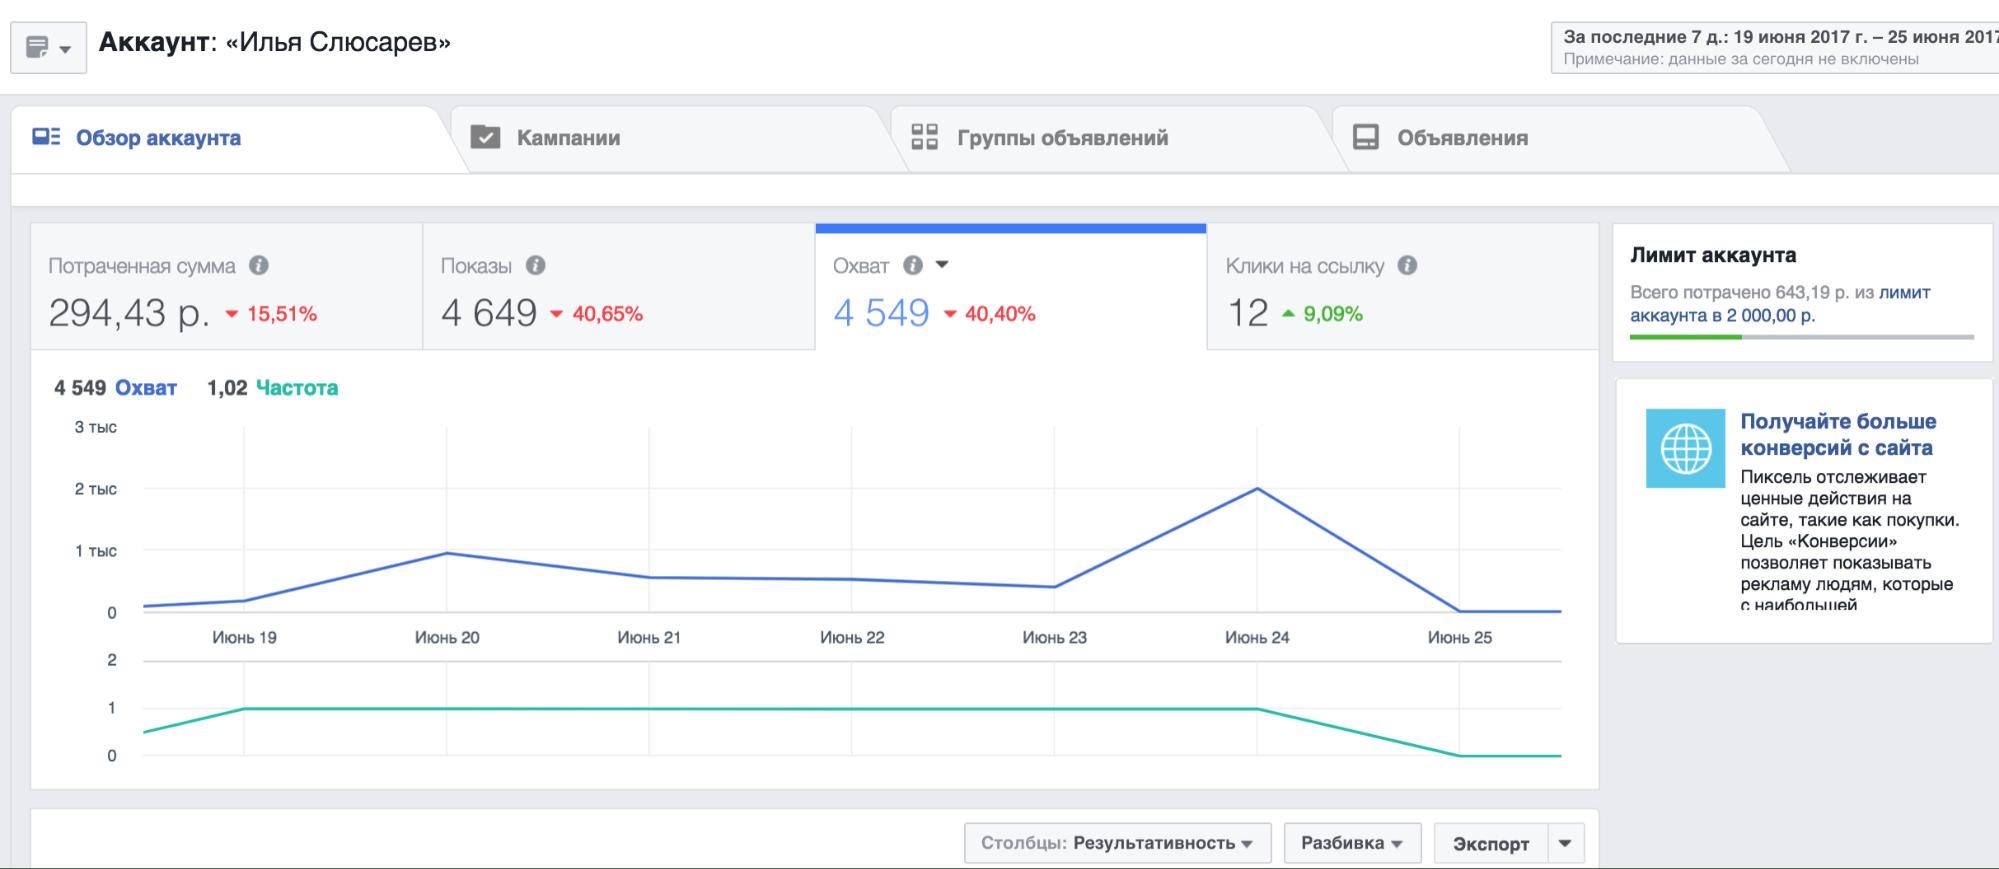 Анализ рекламы в Инстаграм через рекламный кабинет Фейсбука